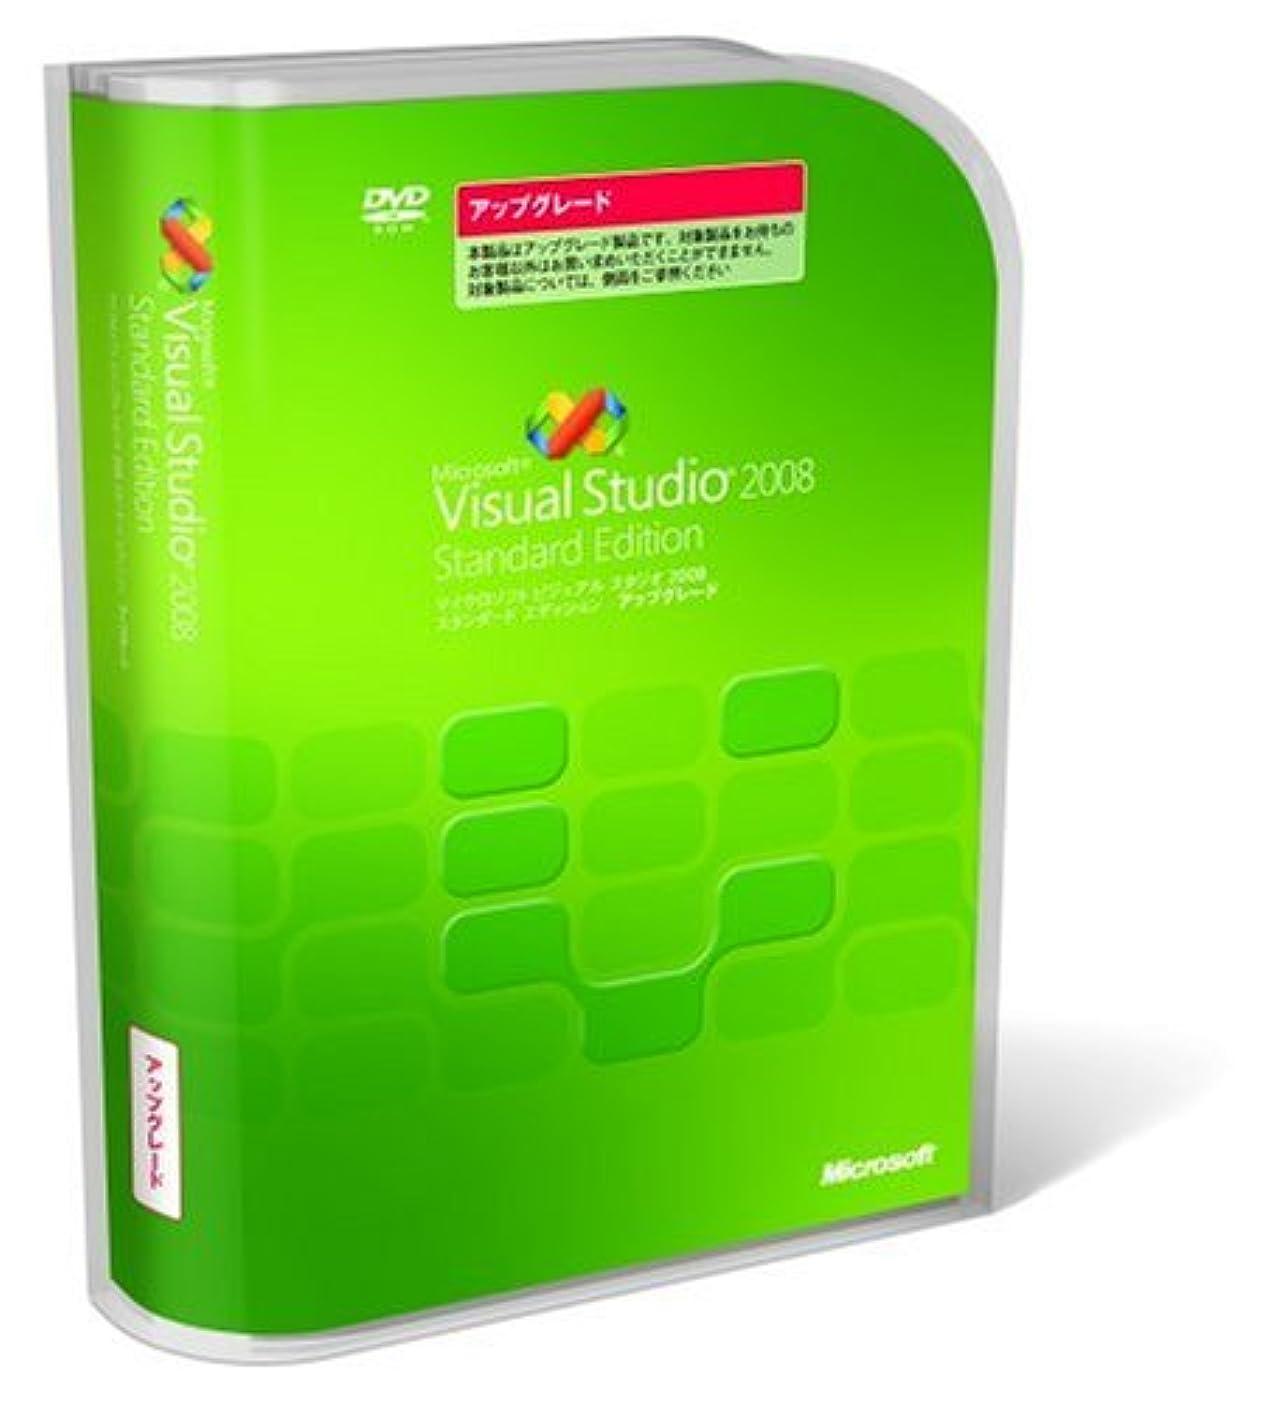 節約鑑定立派なVisual Studio 2008 Standard Edition アップグレード